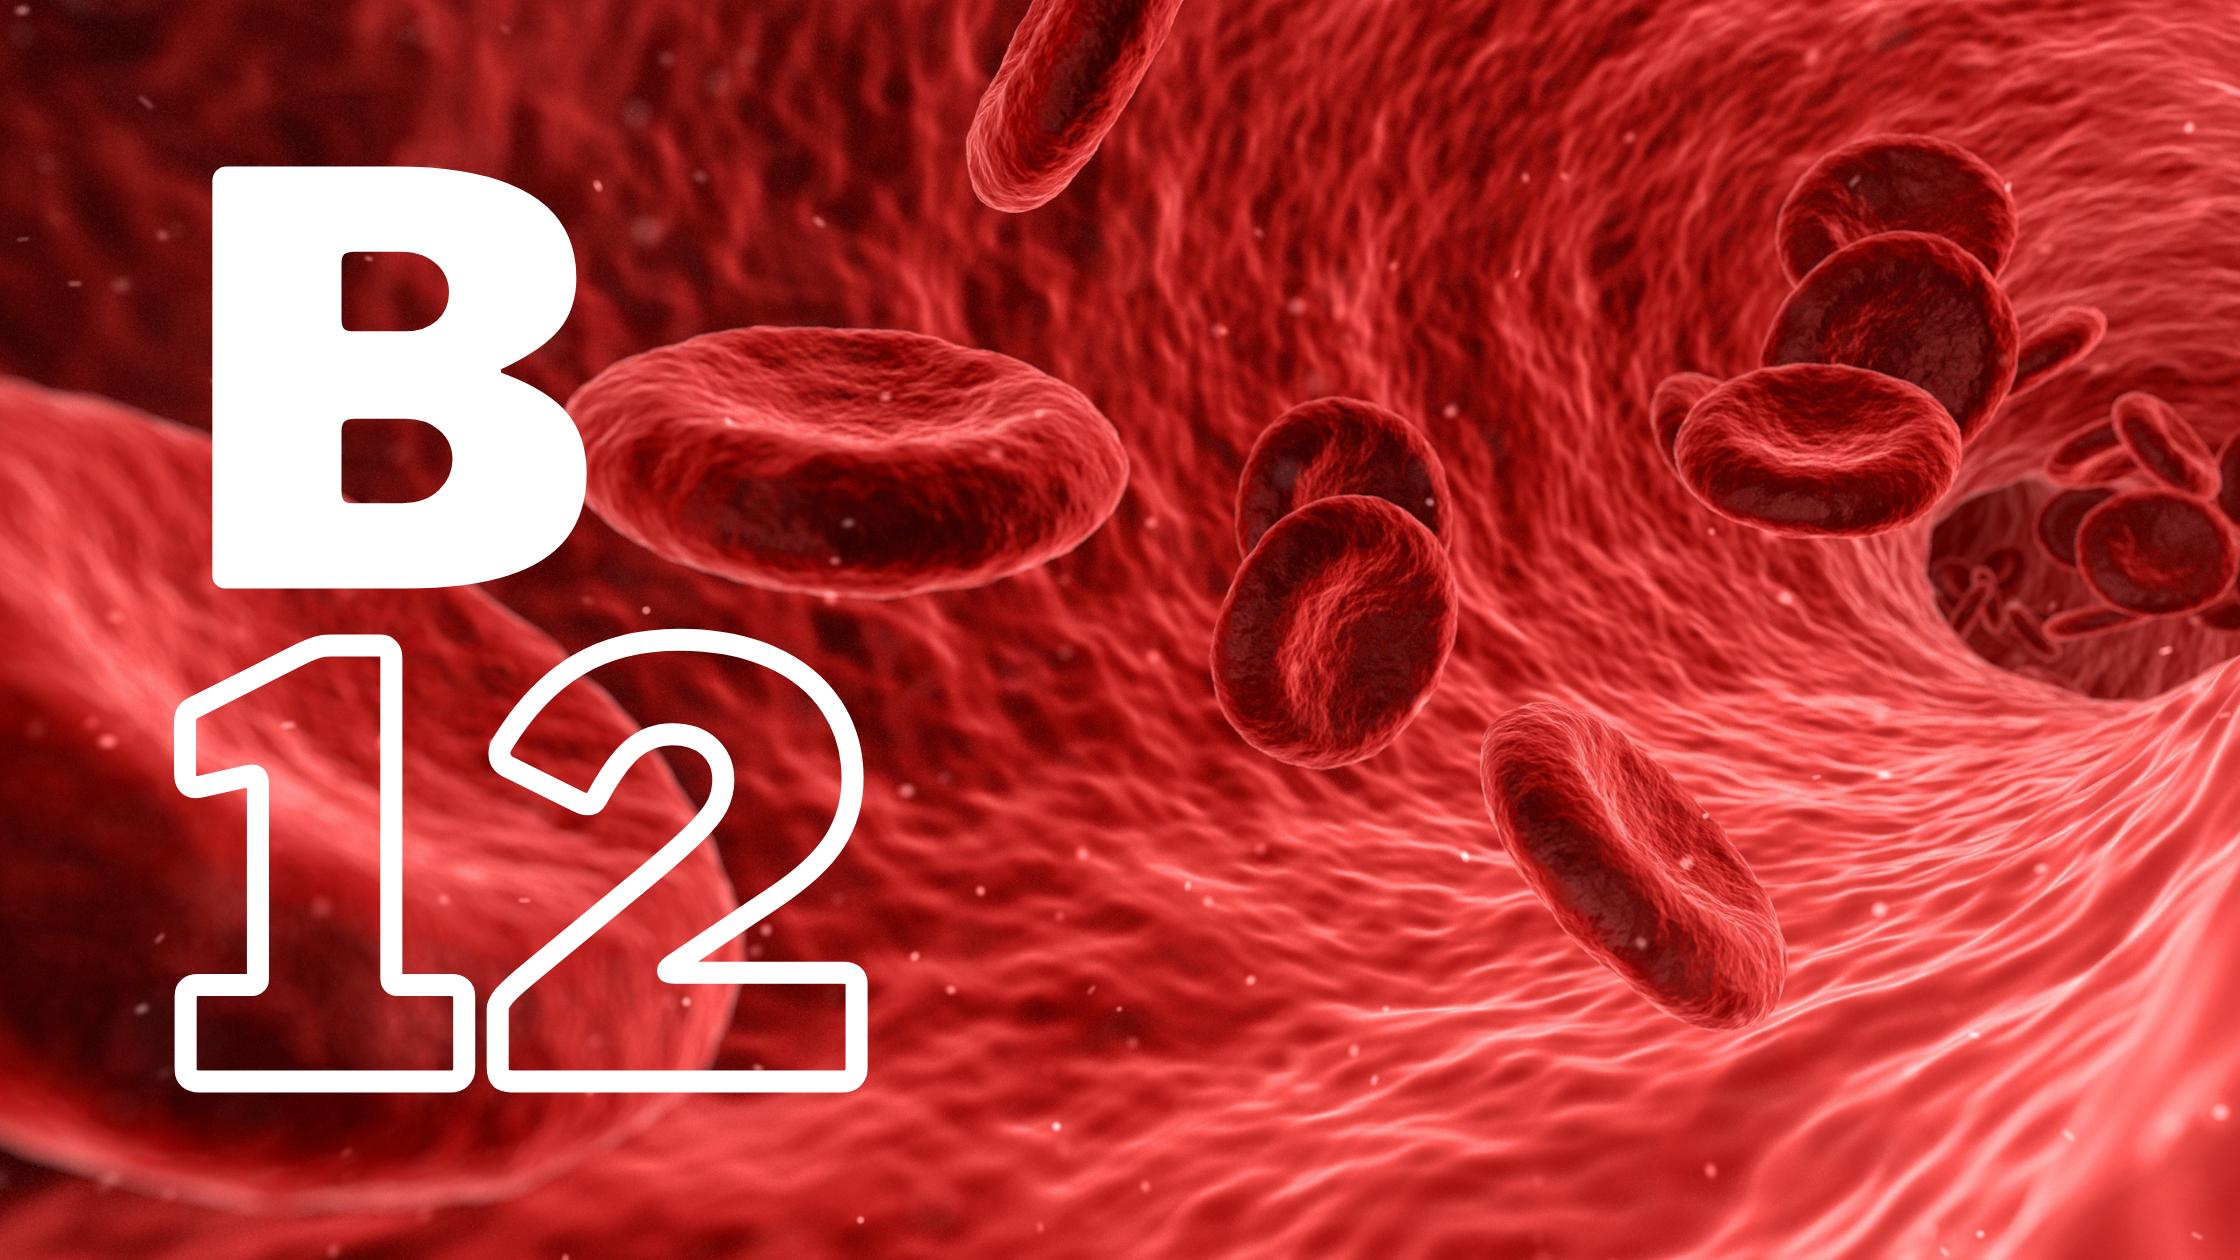 """rode bloedcellen stromen door een ader, met de tekst 'B12"""""""